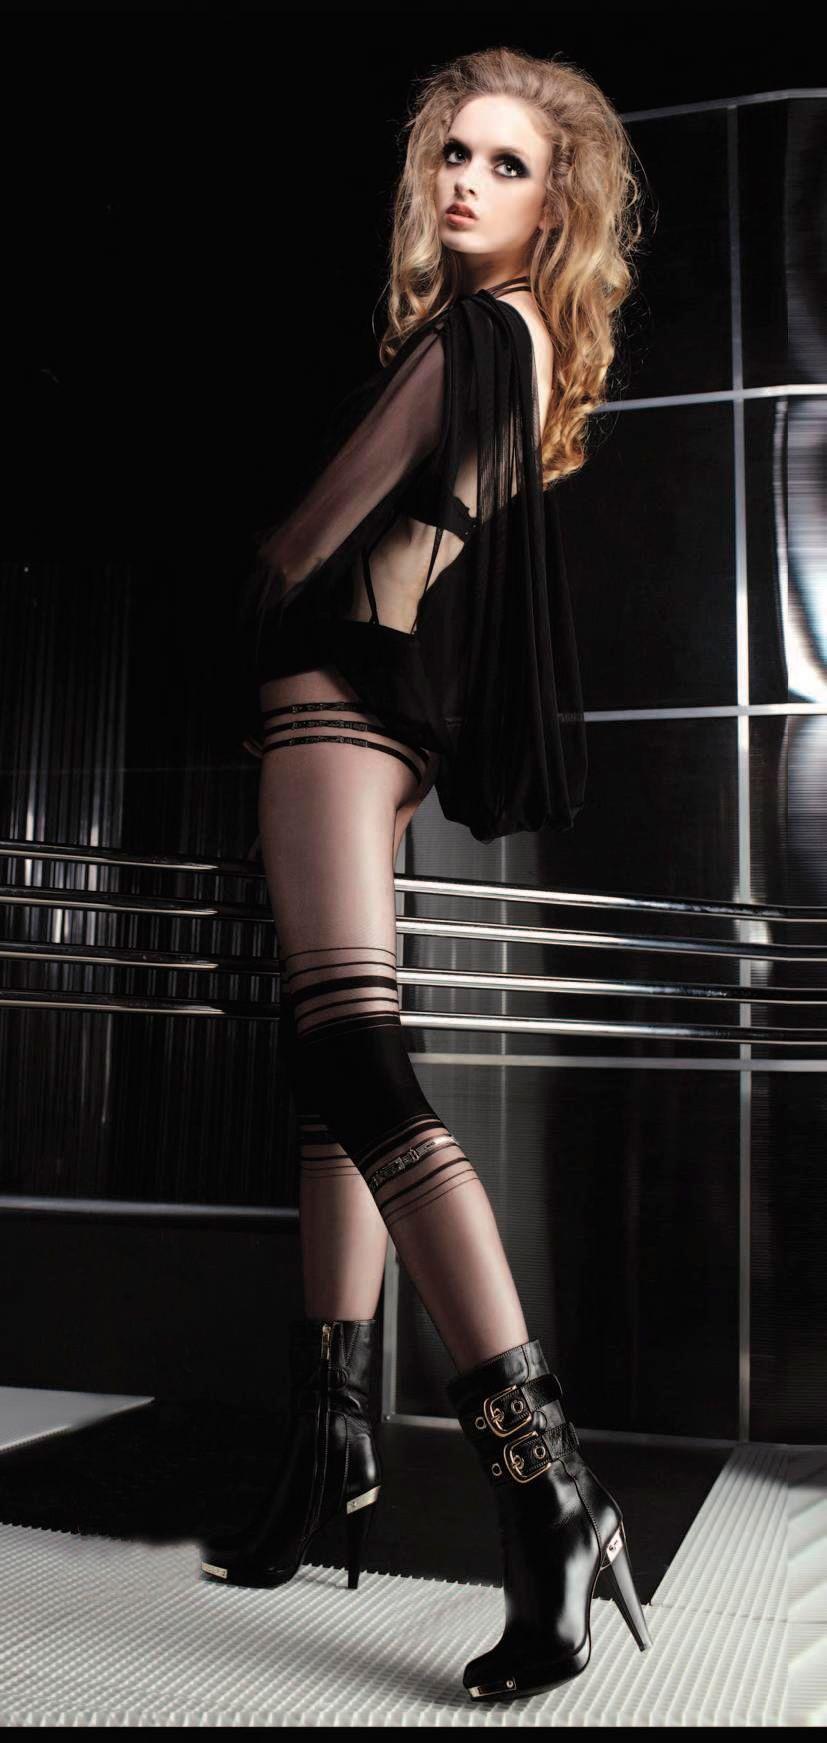 Колготки Ballerina 051 (3-4) колготки ballerina 050 1 2